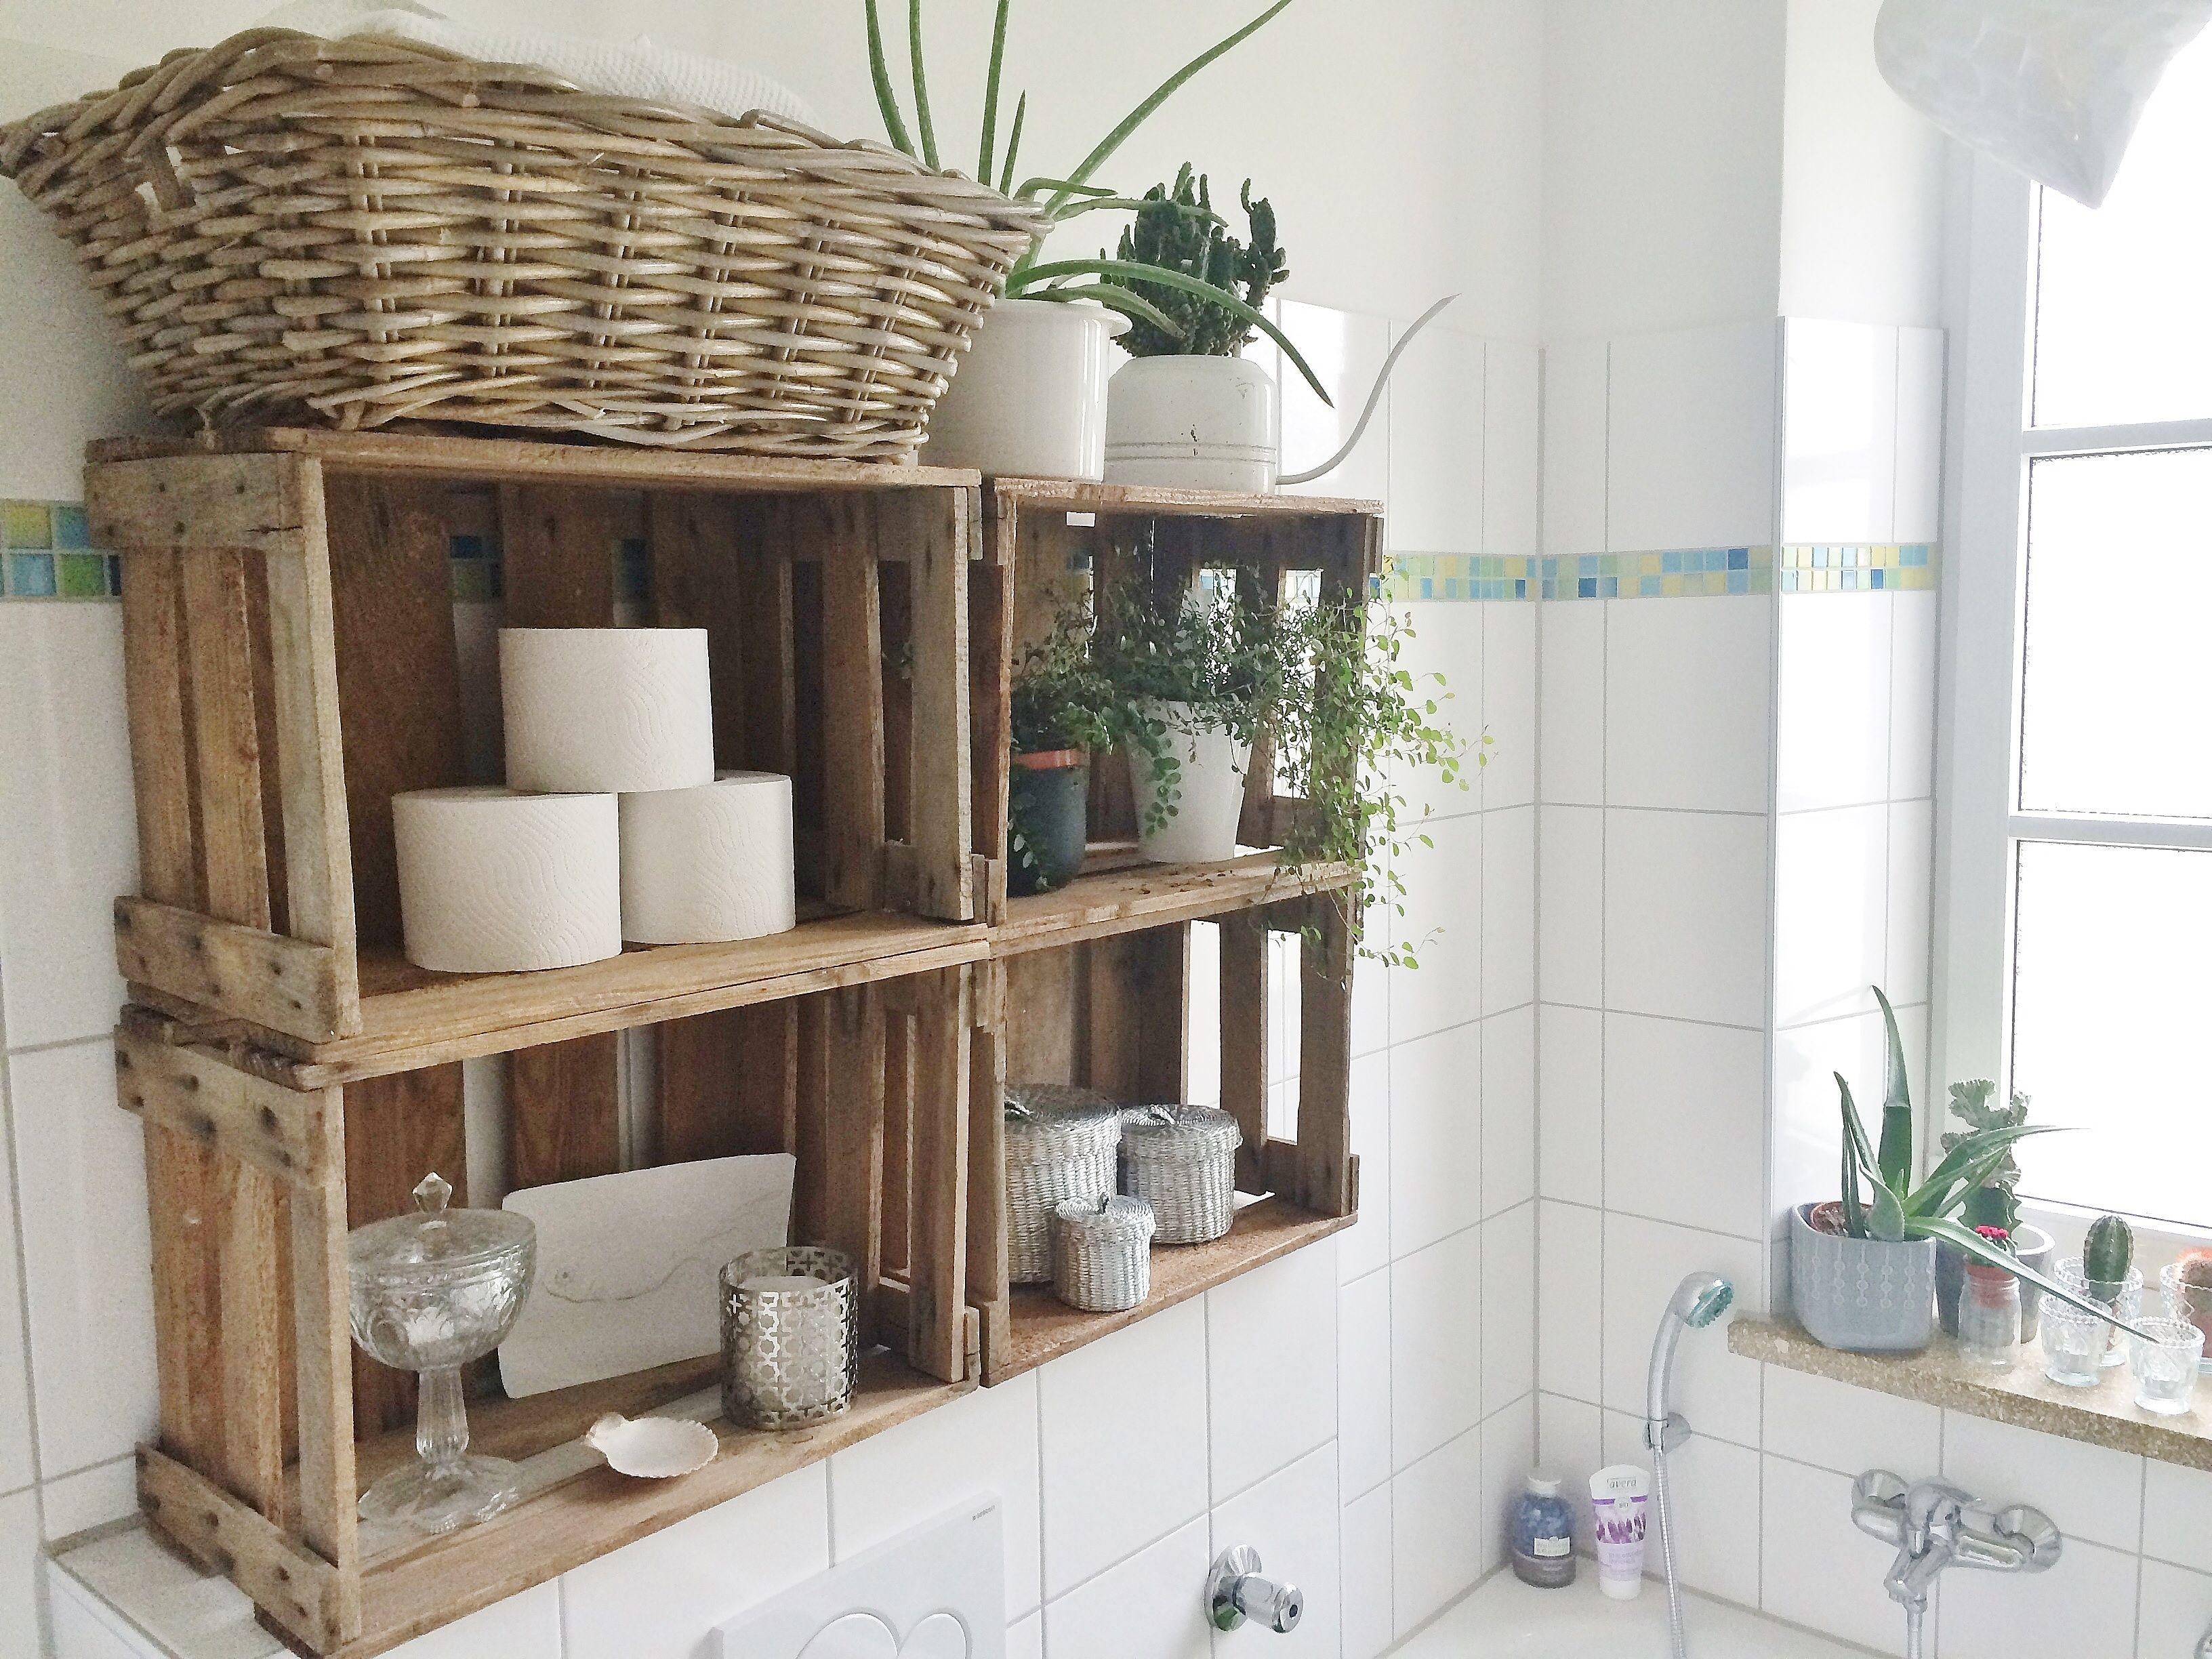 Weinkistenregal im Bad  Badezimmer  Pinterest  Badezimmer Regal bad und Einrichtungsideen